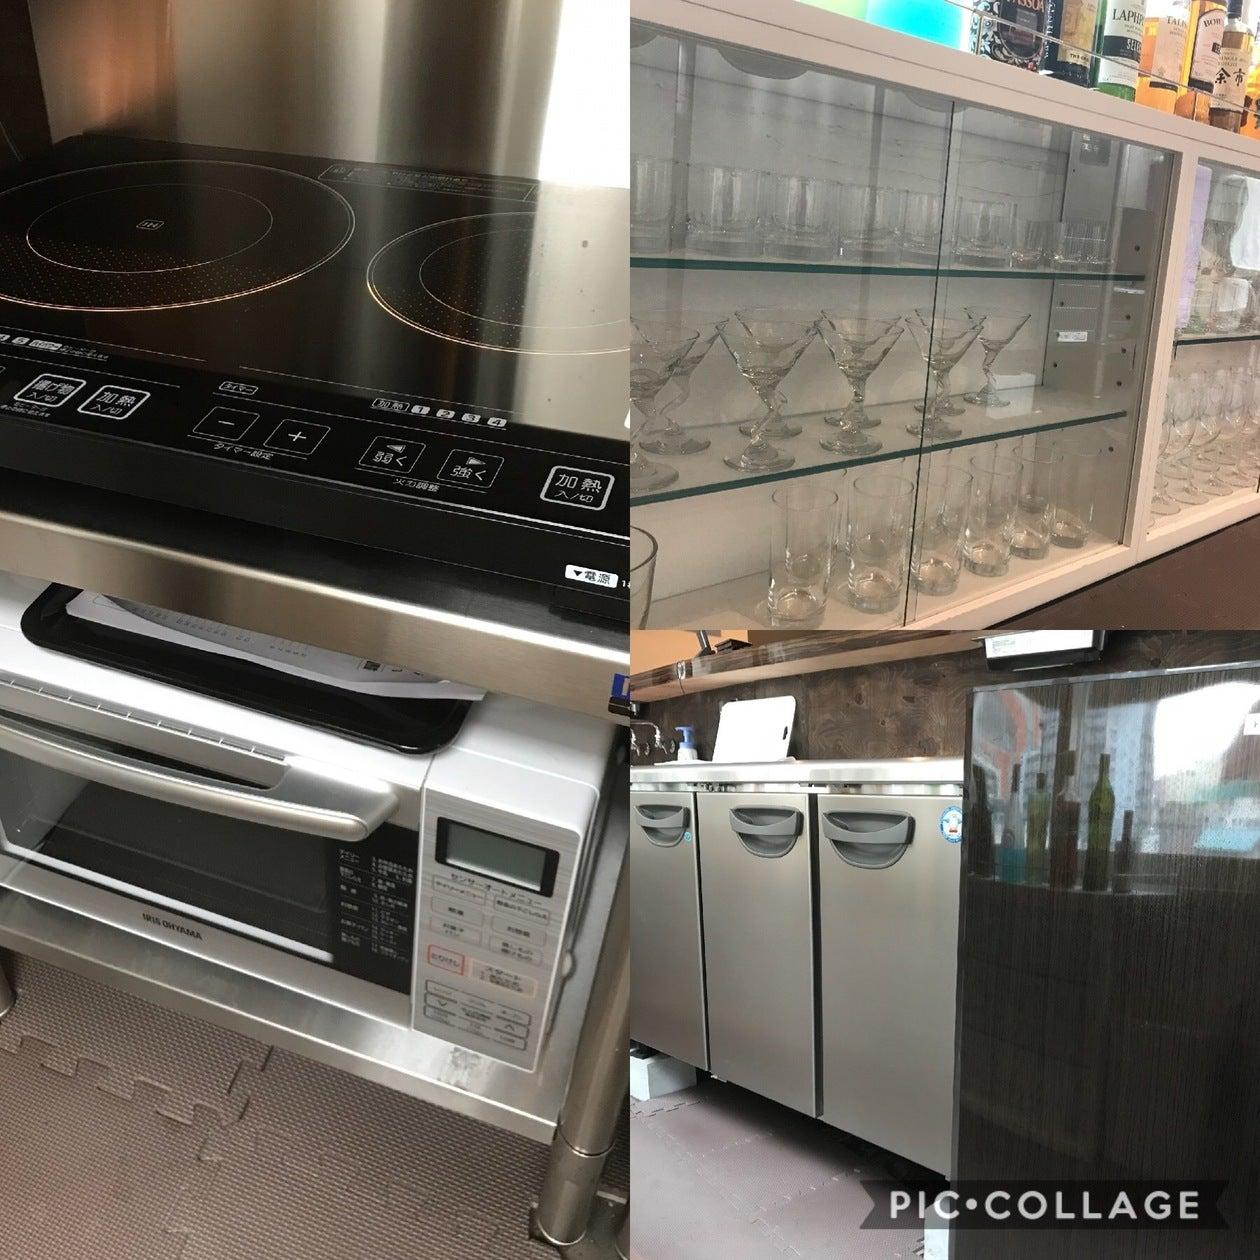 IHと電子レンジ・冷凍冷蔵庫は基本料金内でご利用いただけます。 グラス・お皿・カトラリー等をご利用の際は別途料金をいただいております。